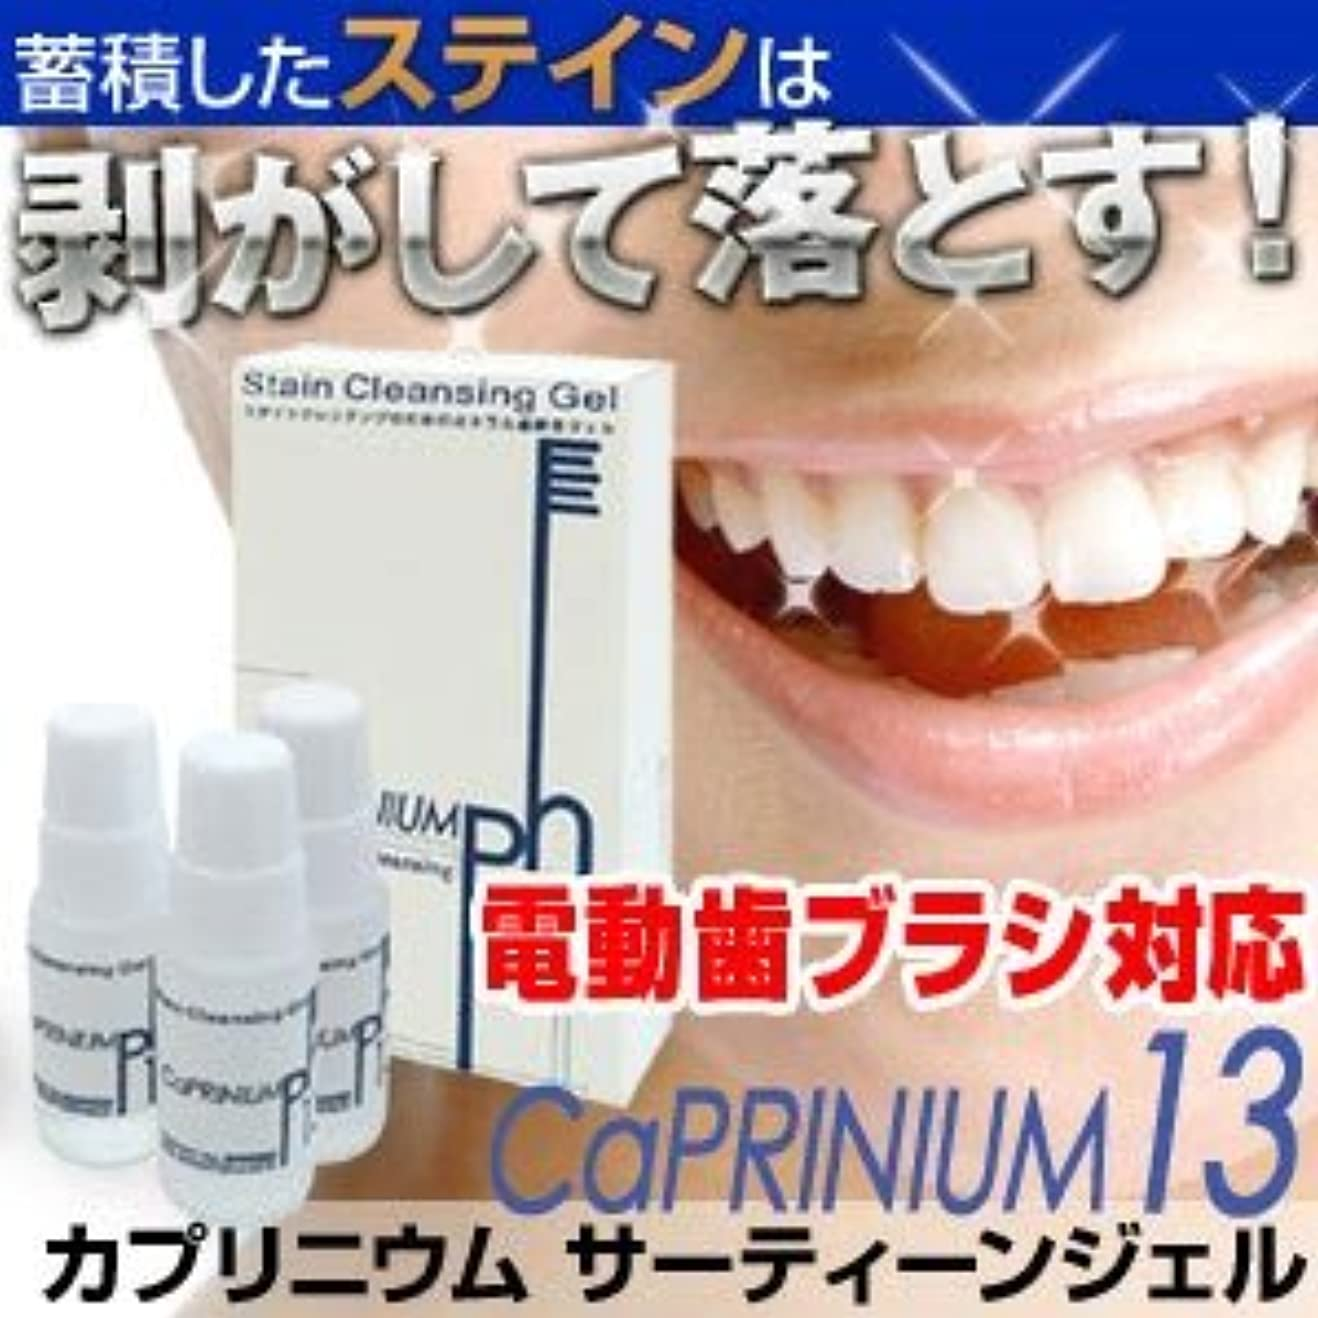 運営調査作るカプリニウム サーティーンジェル(CaPRINIUM 13) 新発想のホワイトニング歯磨きジェル